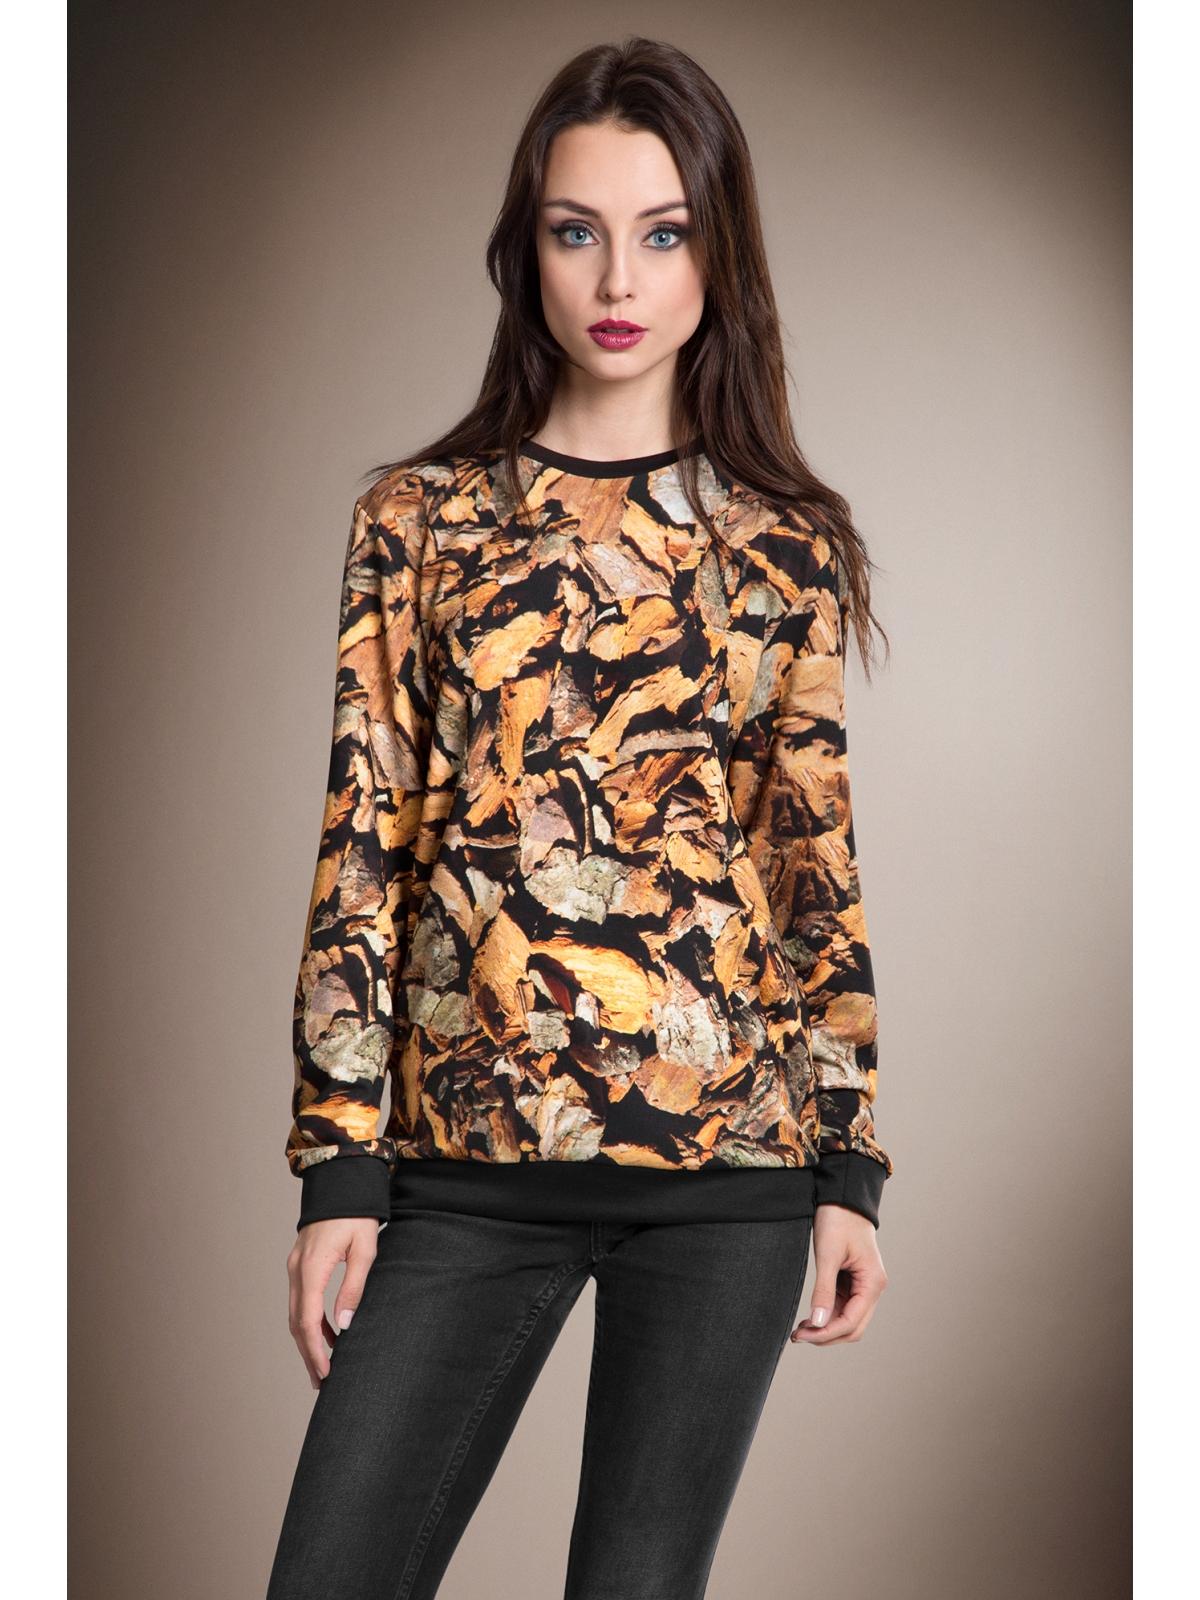 Wood Sweatshirt